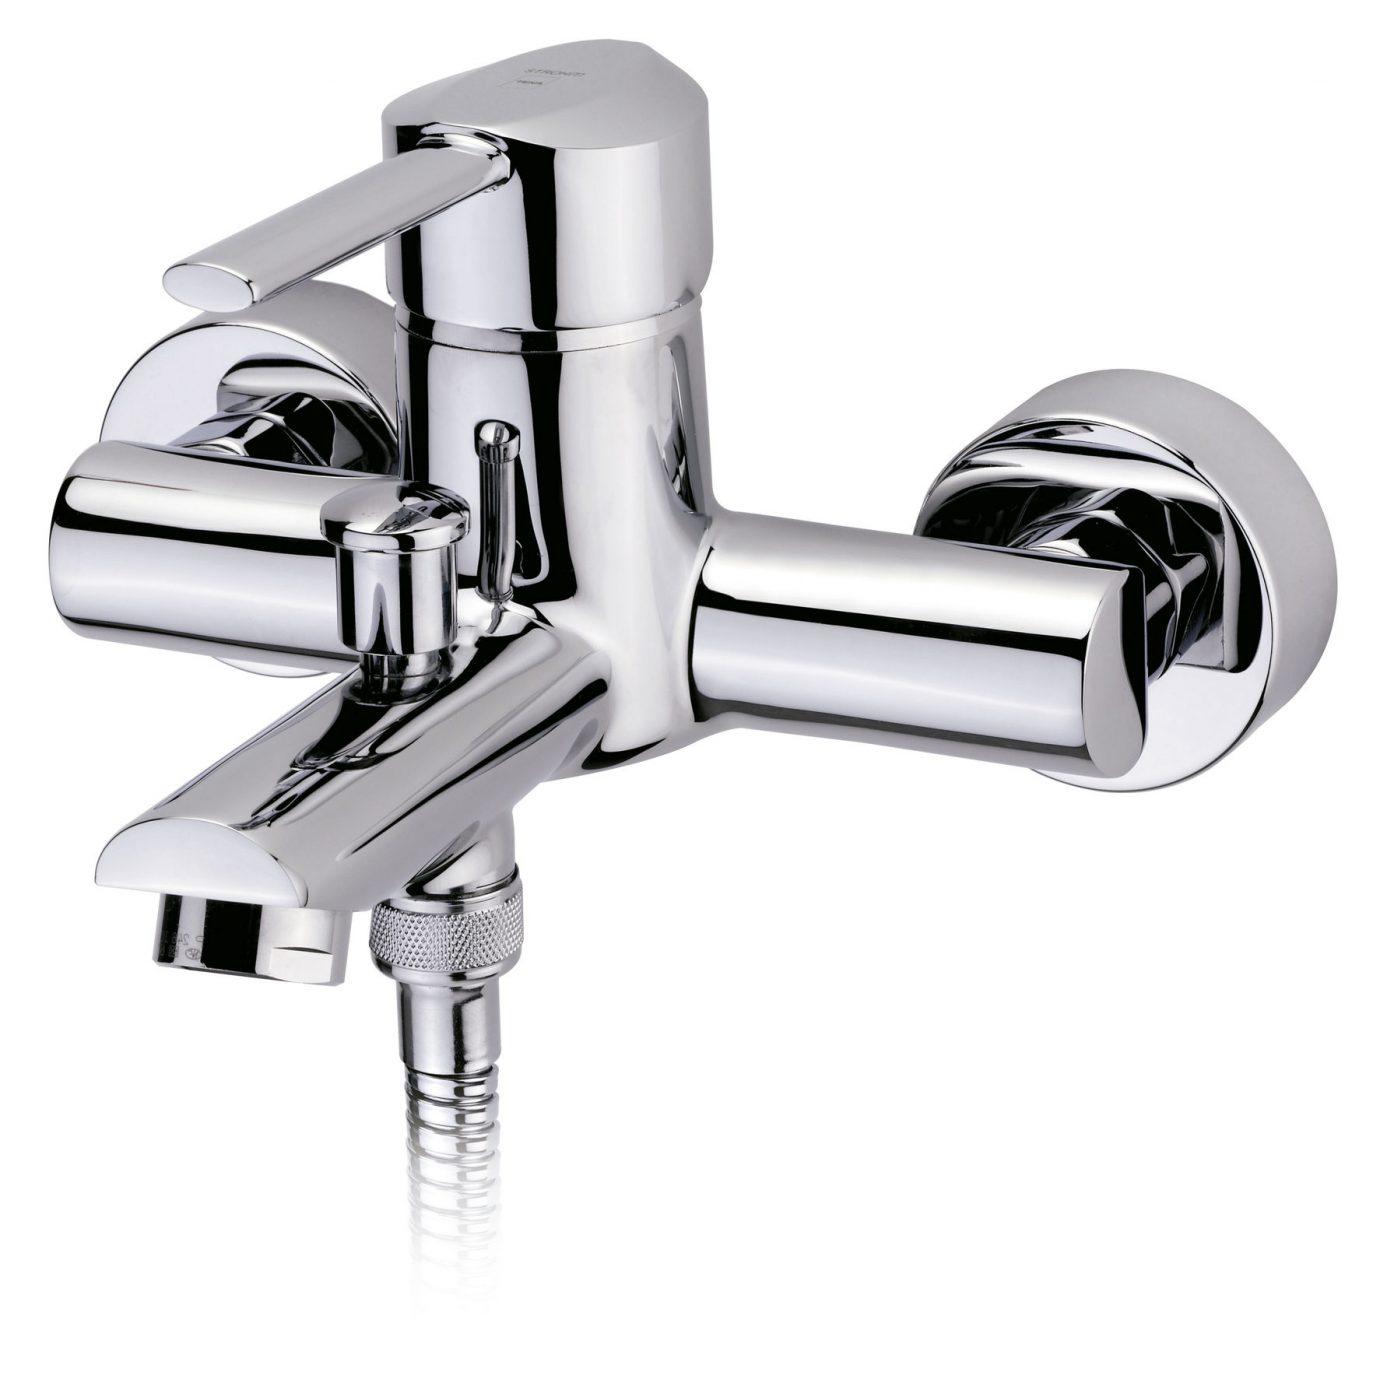 Grifo de baño y ducha con desagüe automático